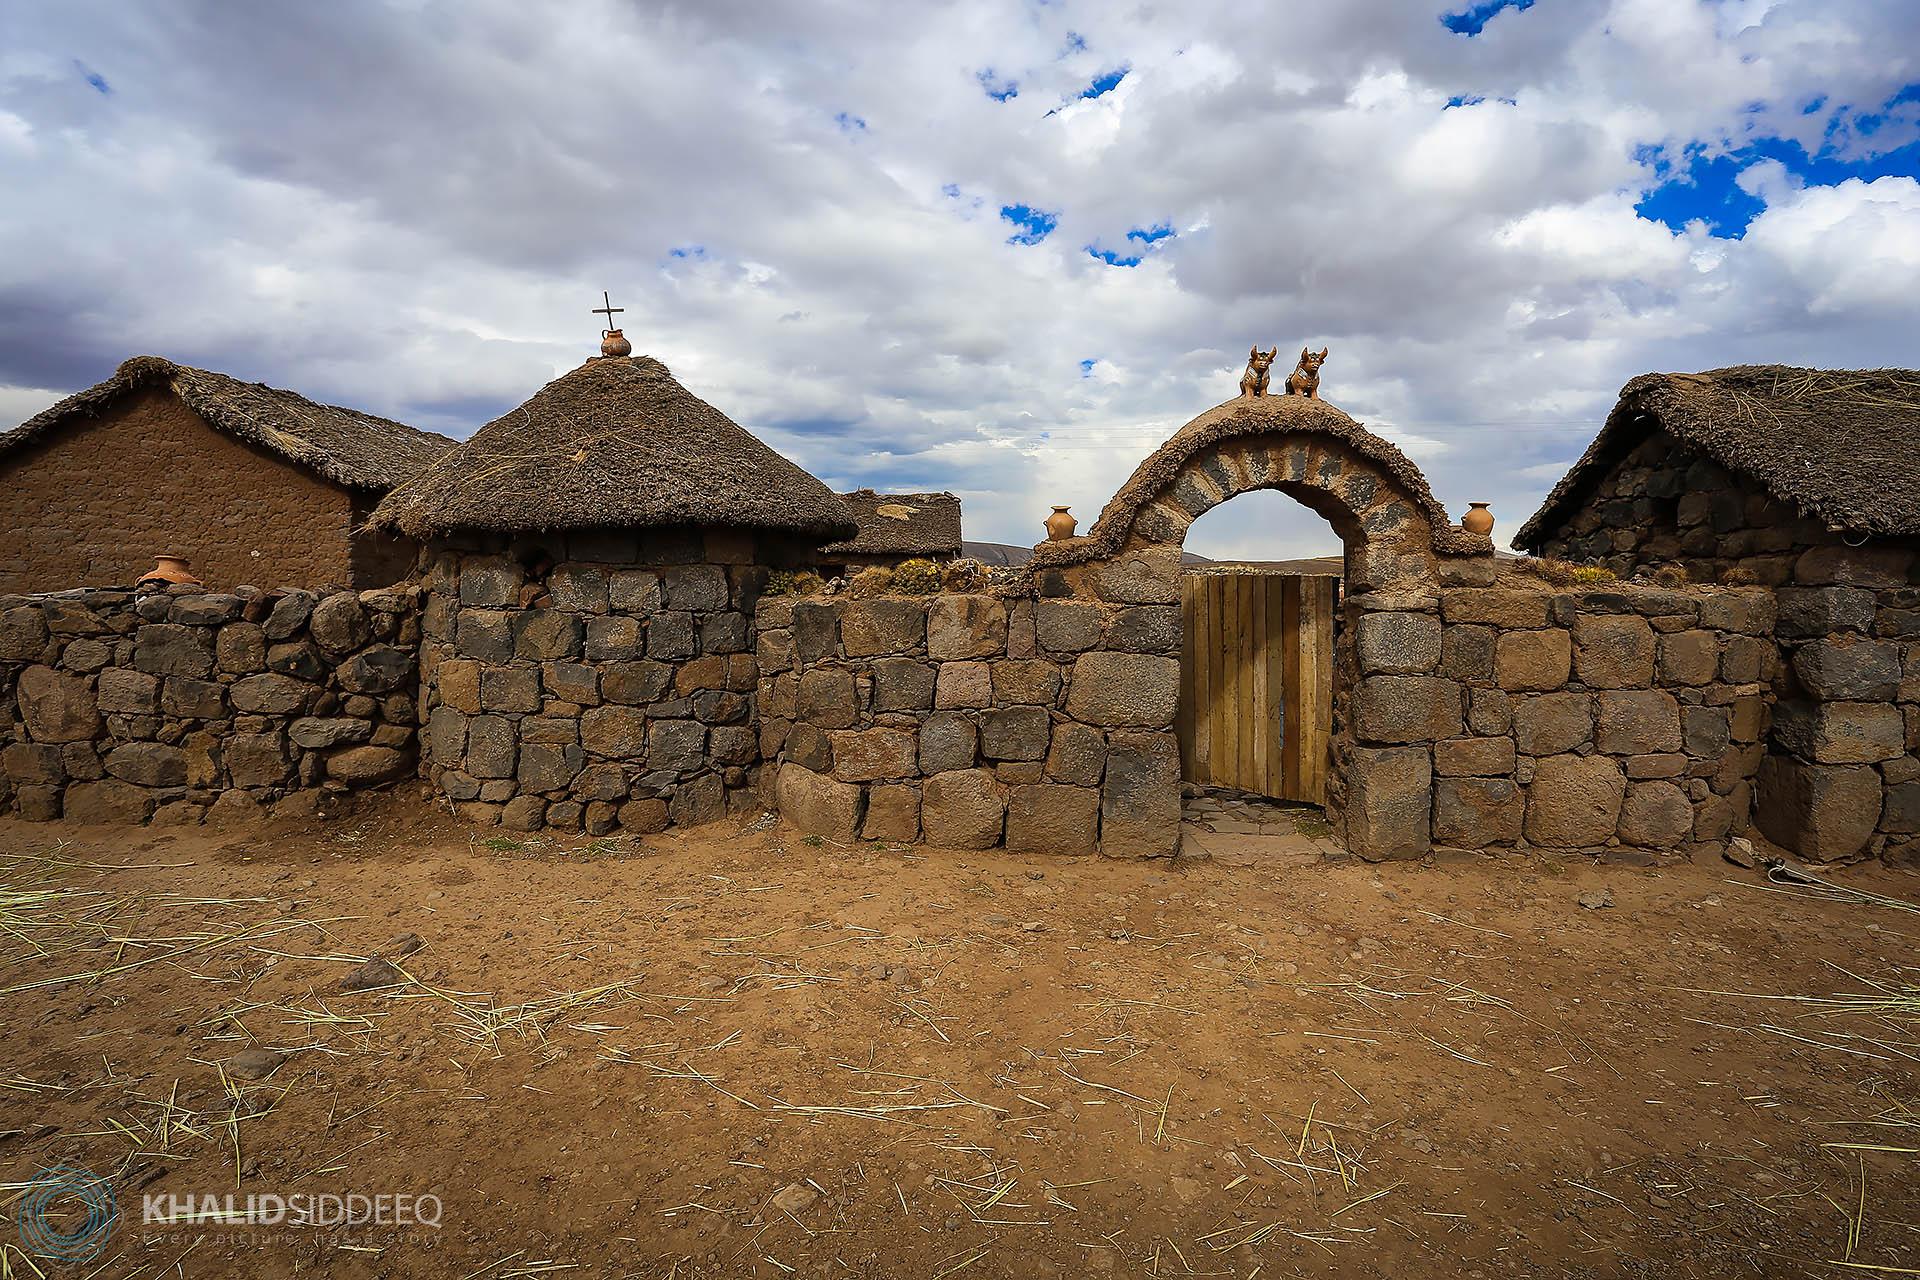 الحياة الريفية في البيرو